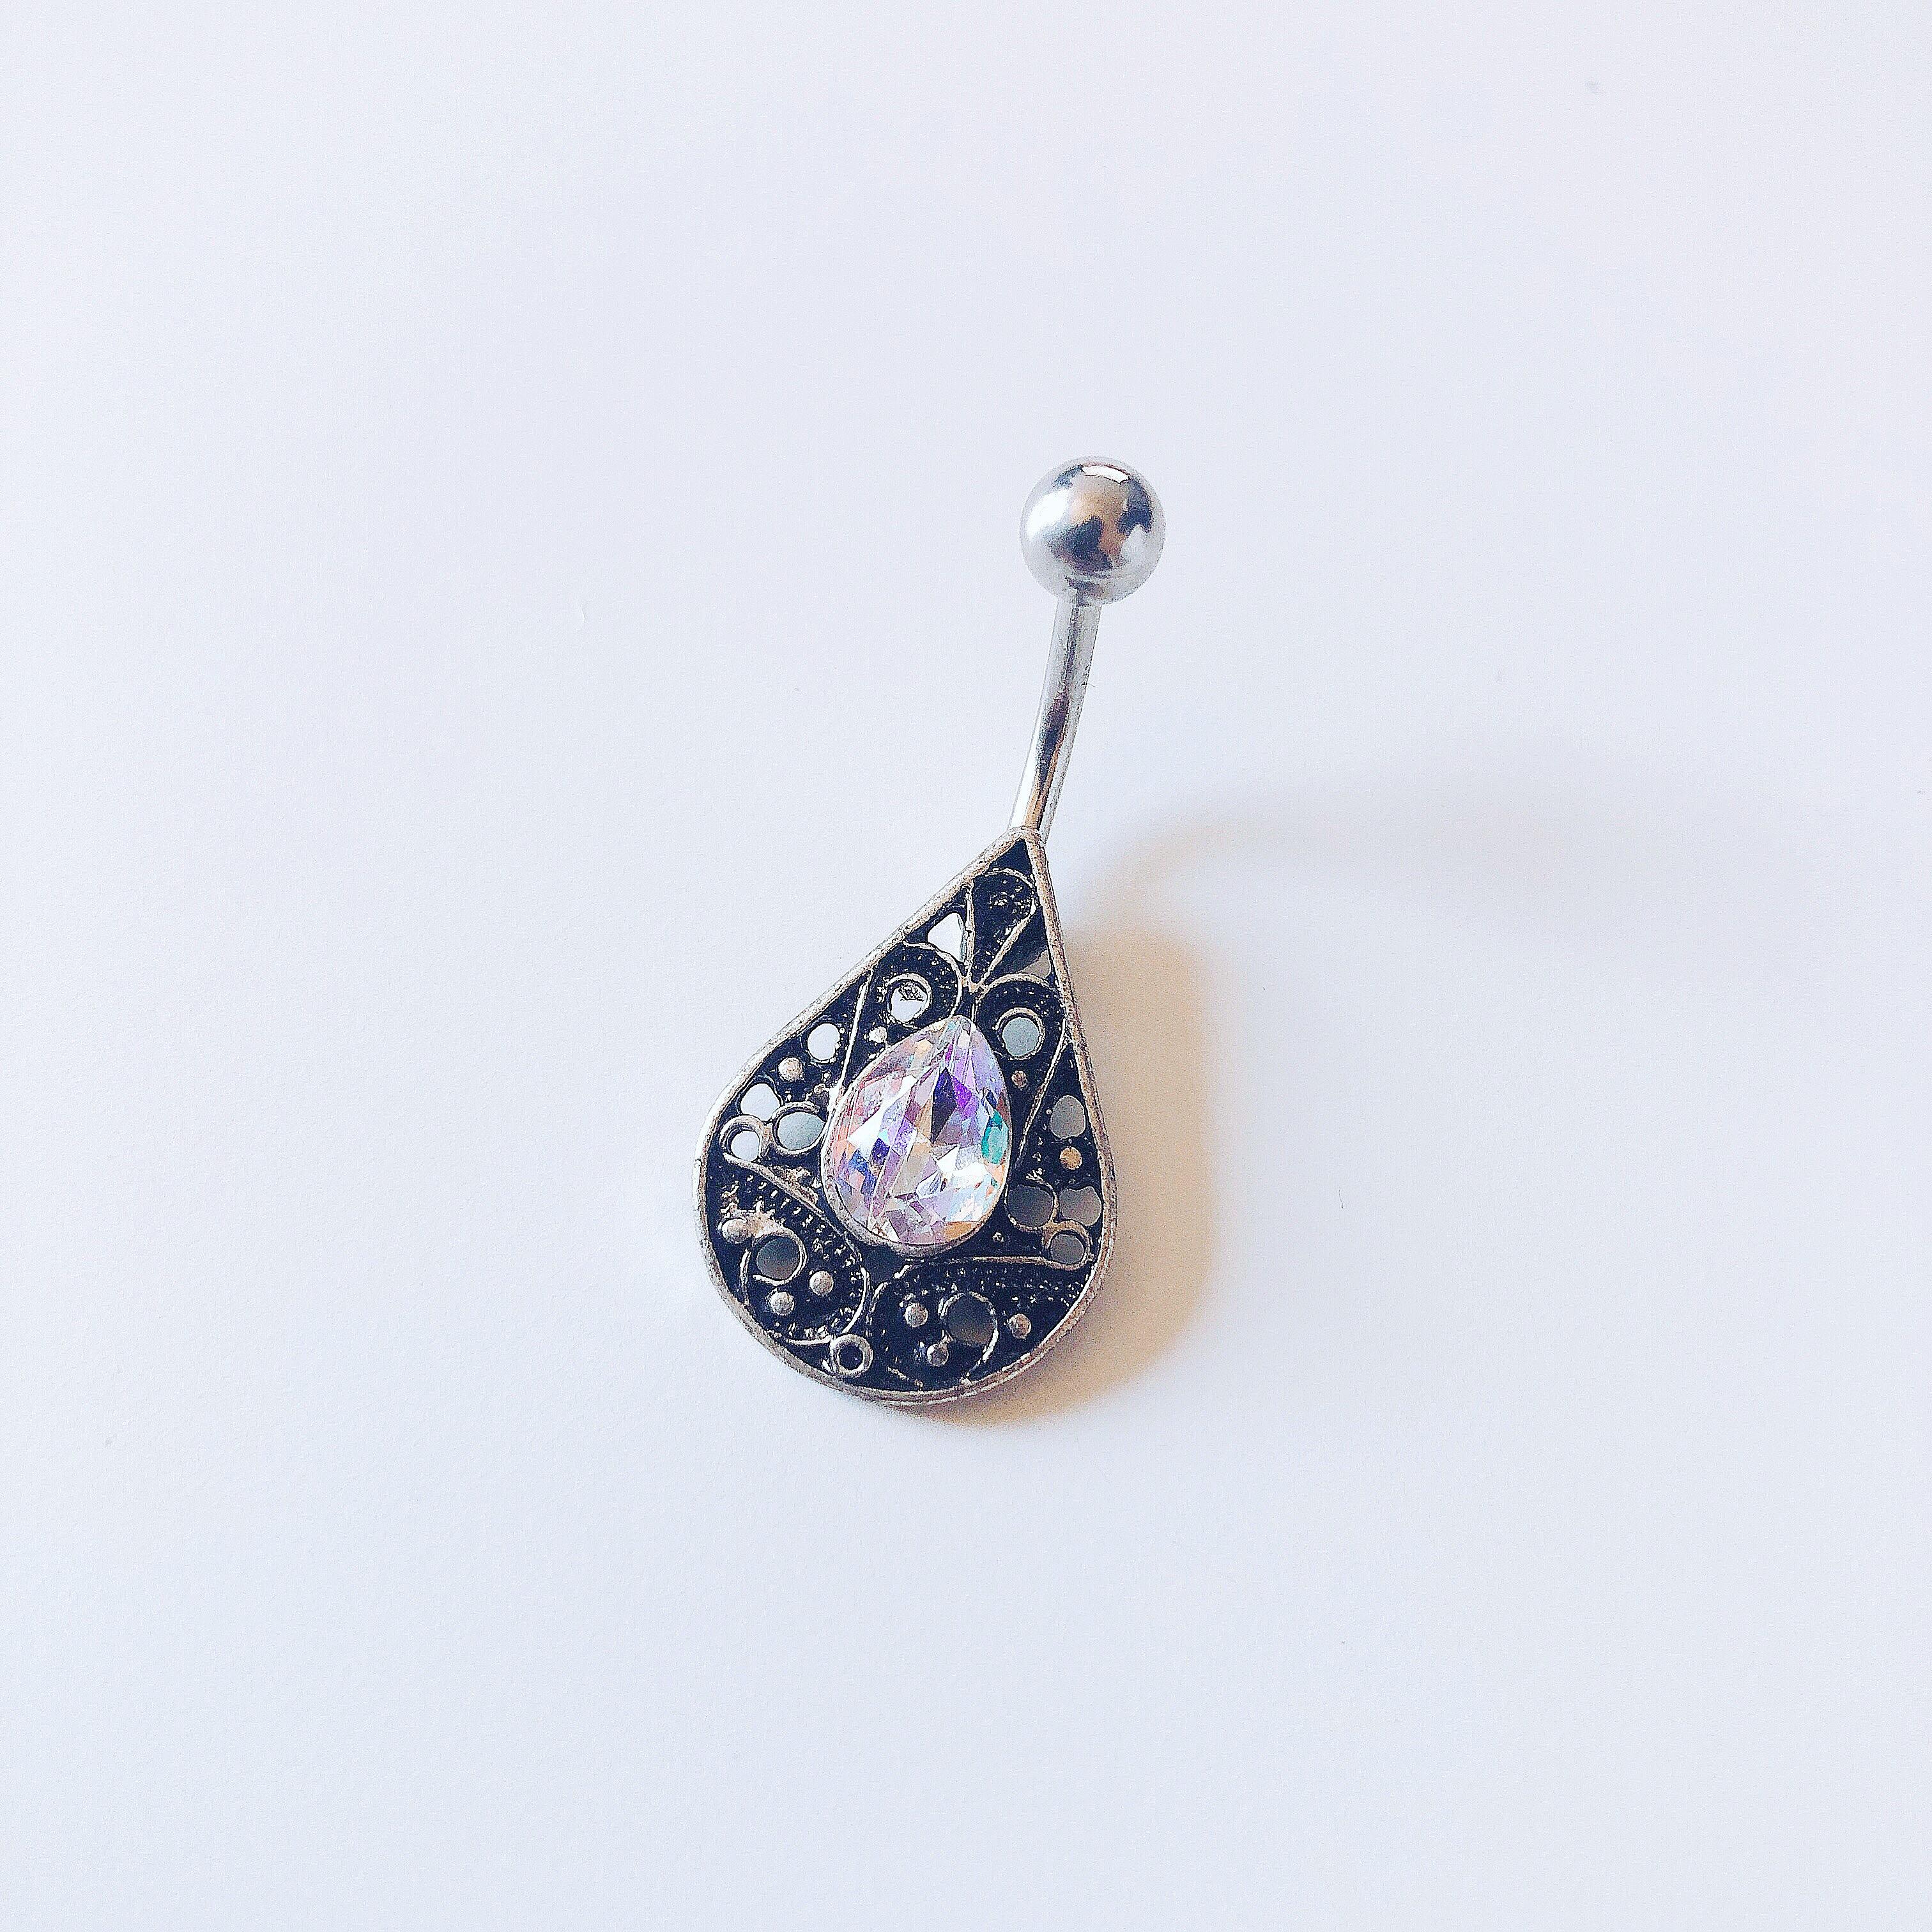 316L Stainless Steel Ornate Teardrop Navel Ring